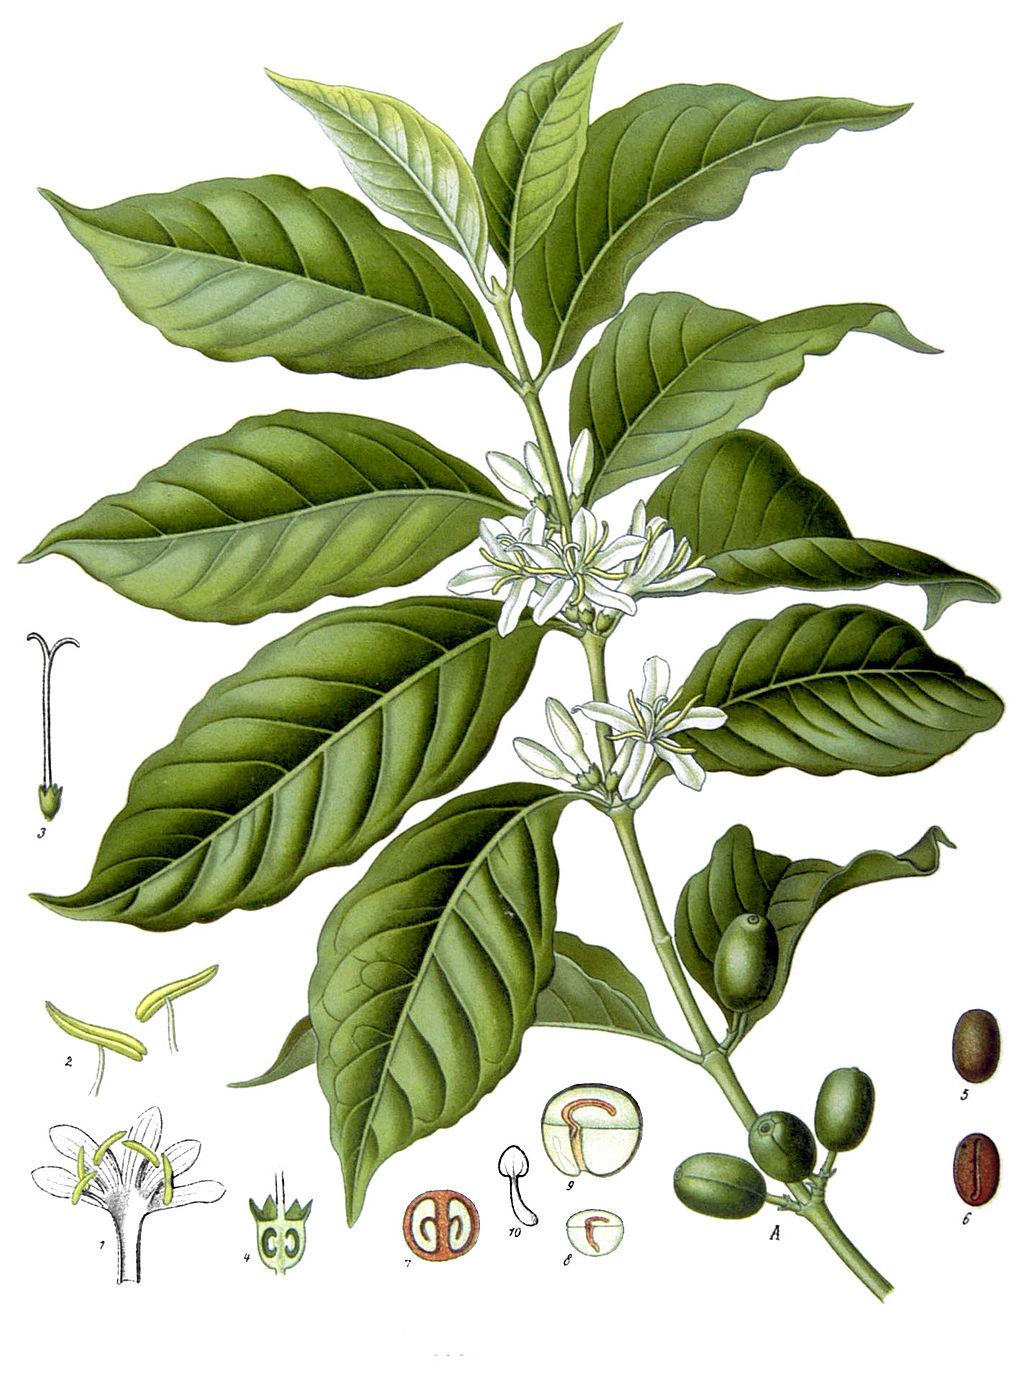 Coffea arabica Köhlers Heilpflanzenlexicon 1895